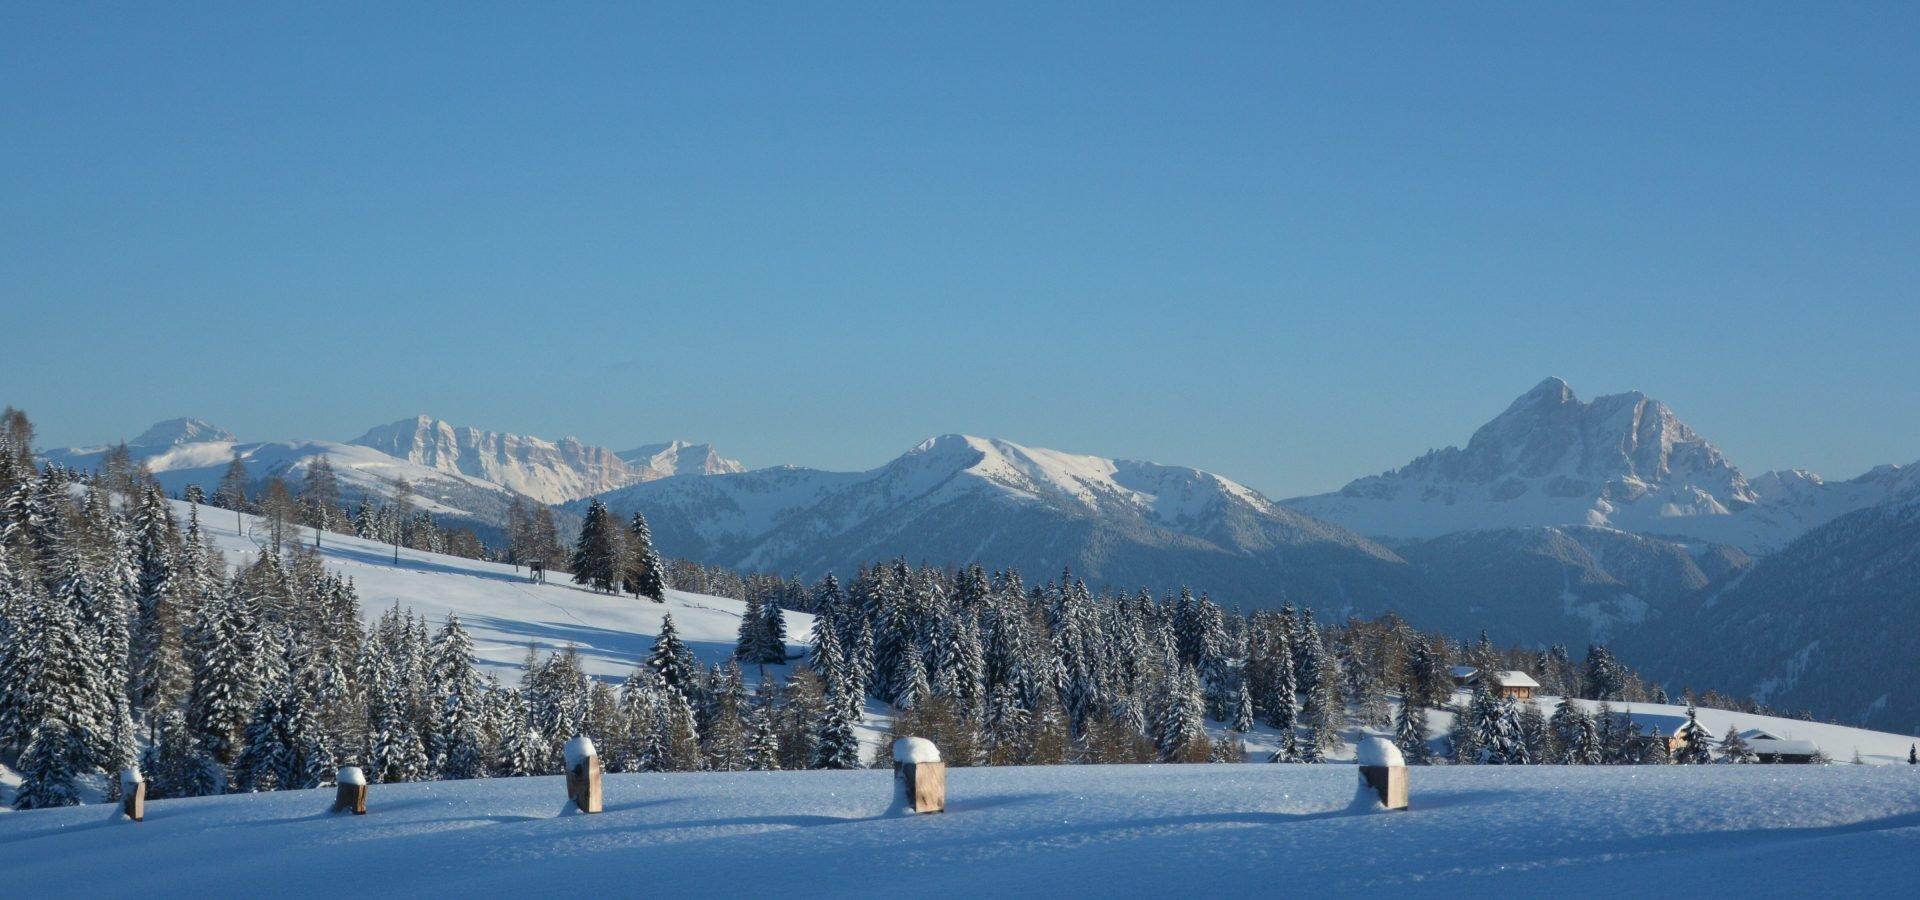 Winterurlaub auf der Alm – Wunderbarer Winter in Südtirol